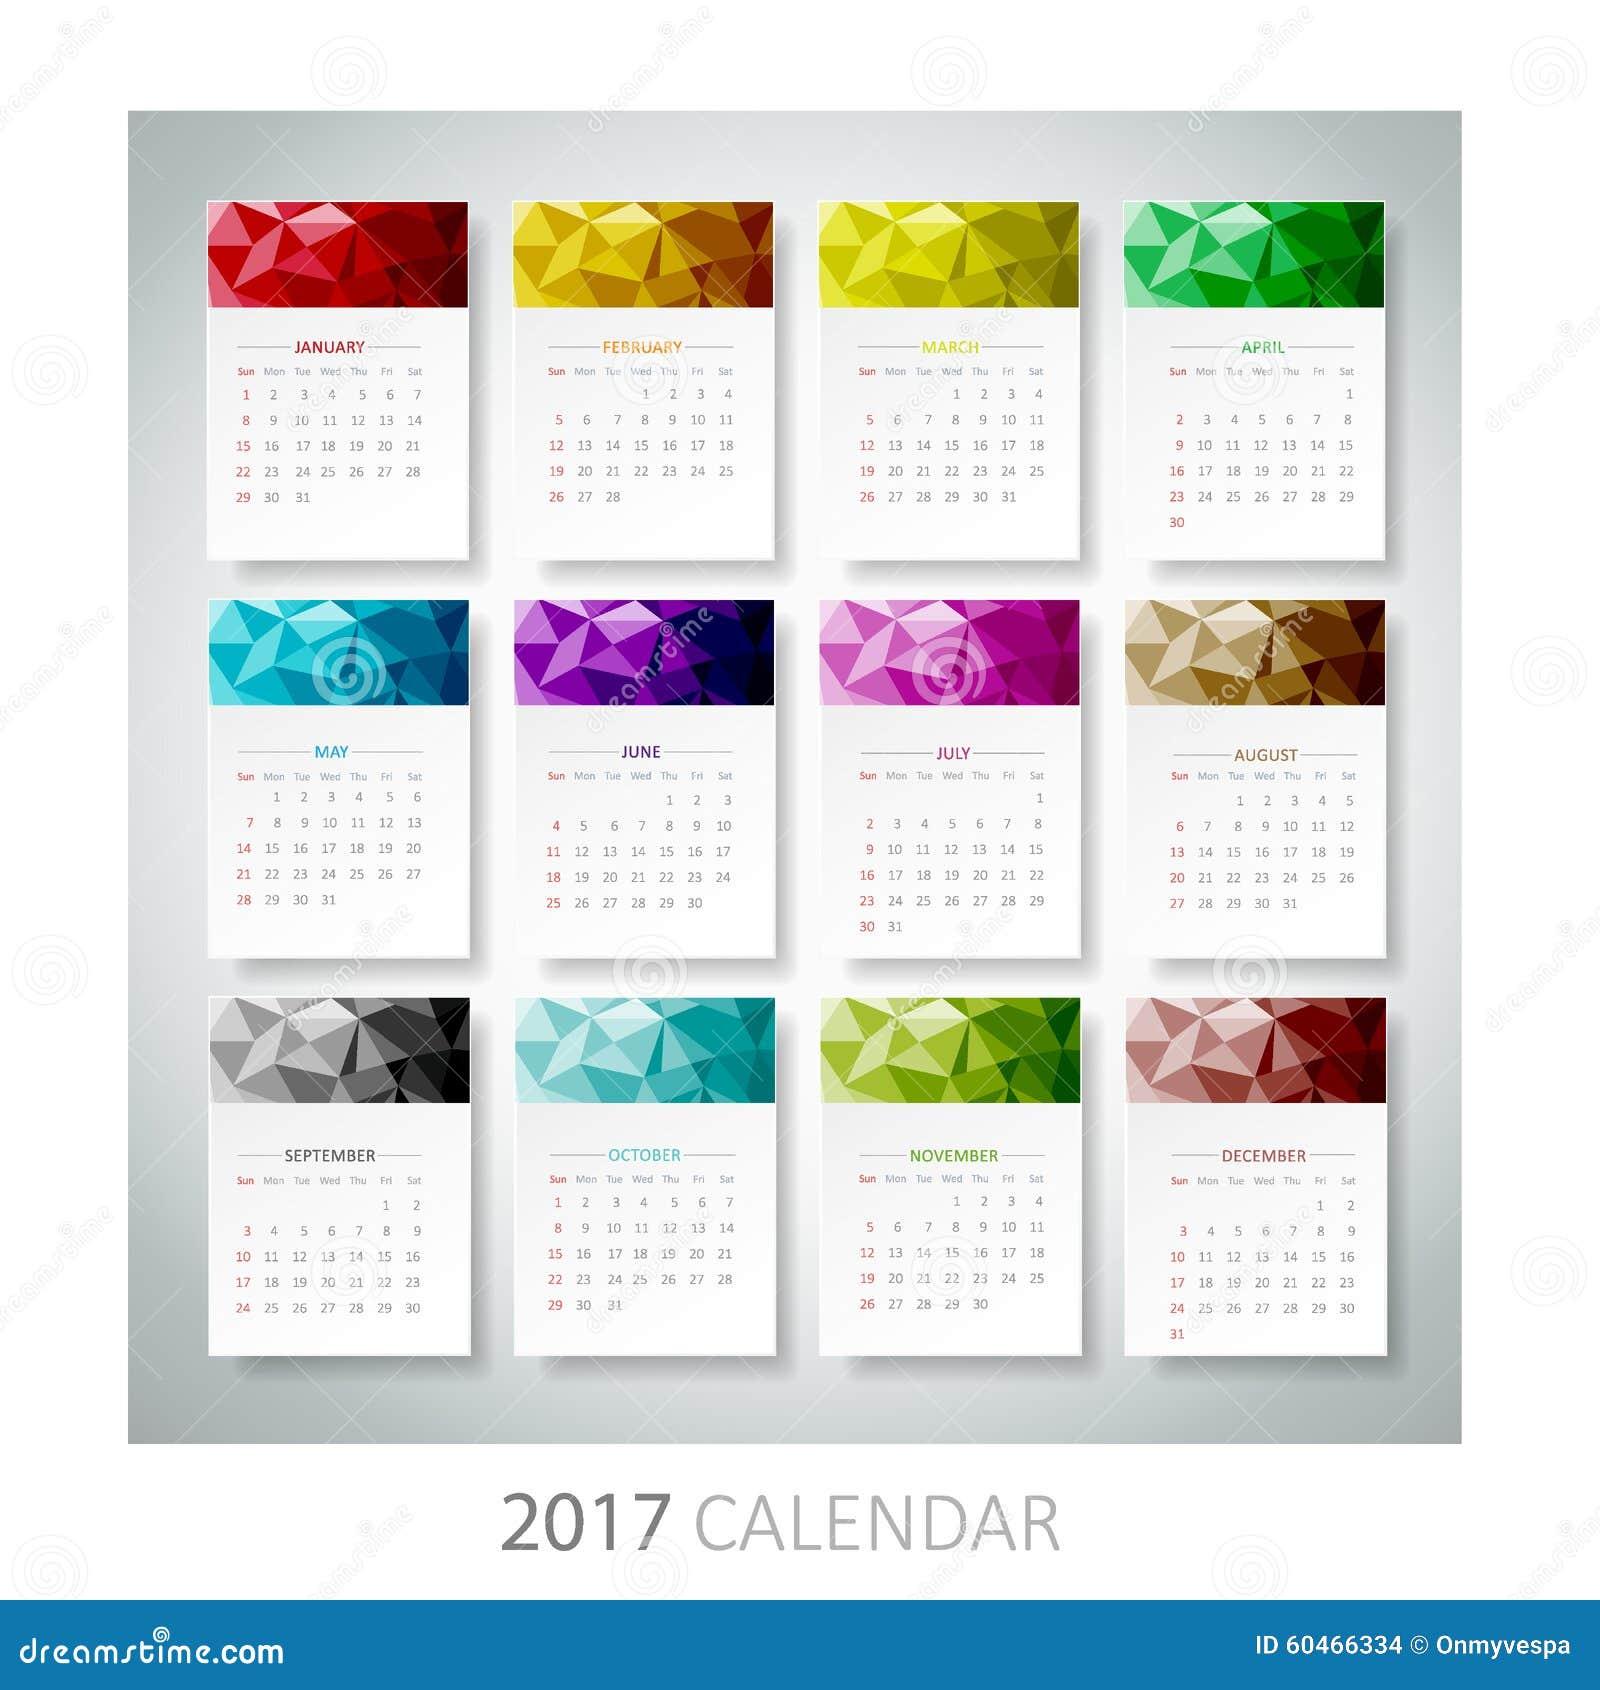 100 Most Creative Gardening Design Ideas 2018: Calendario Geométrico Del Diseño De 2017 Ilustración Del